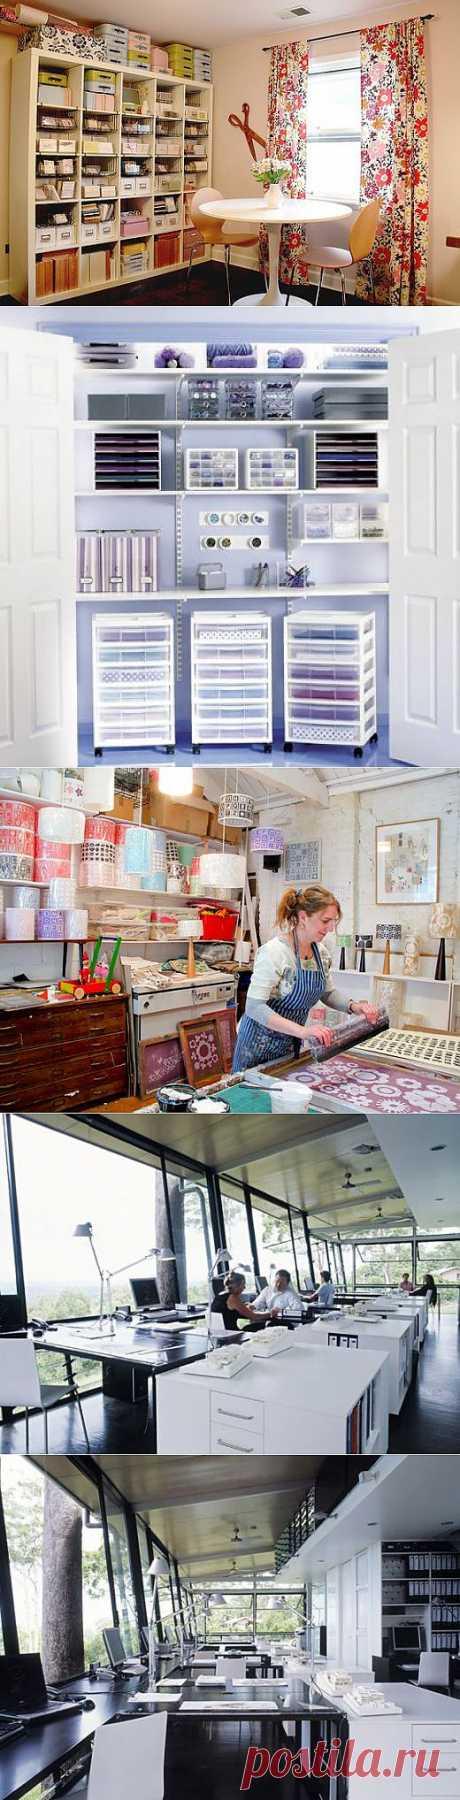 Как сделать домашнюю дизайн студию или комнату для рукоделия своими руками: фото идеи | Декор*Интерьеры*Хендмейд мастер-классы